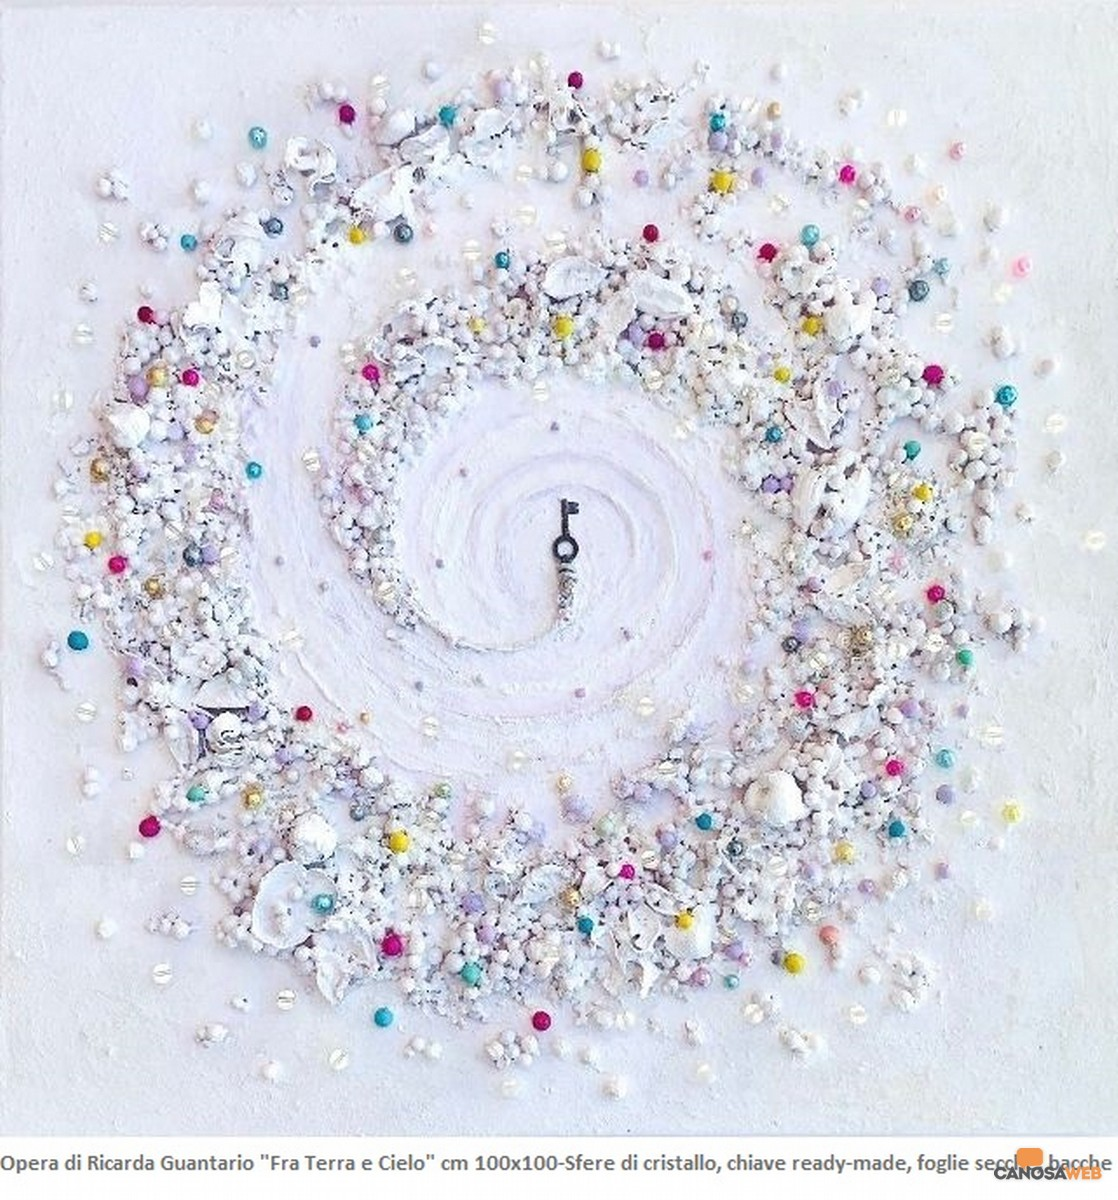 Fra terra e cielo. Ricarda Guantario. cm 100 x100 su tela